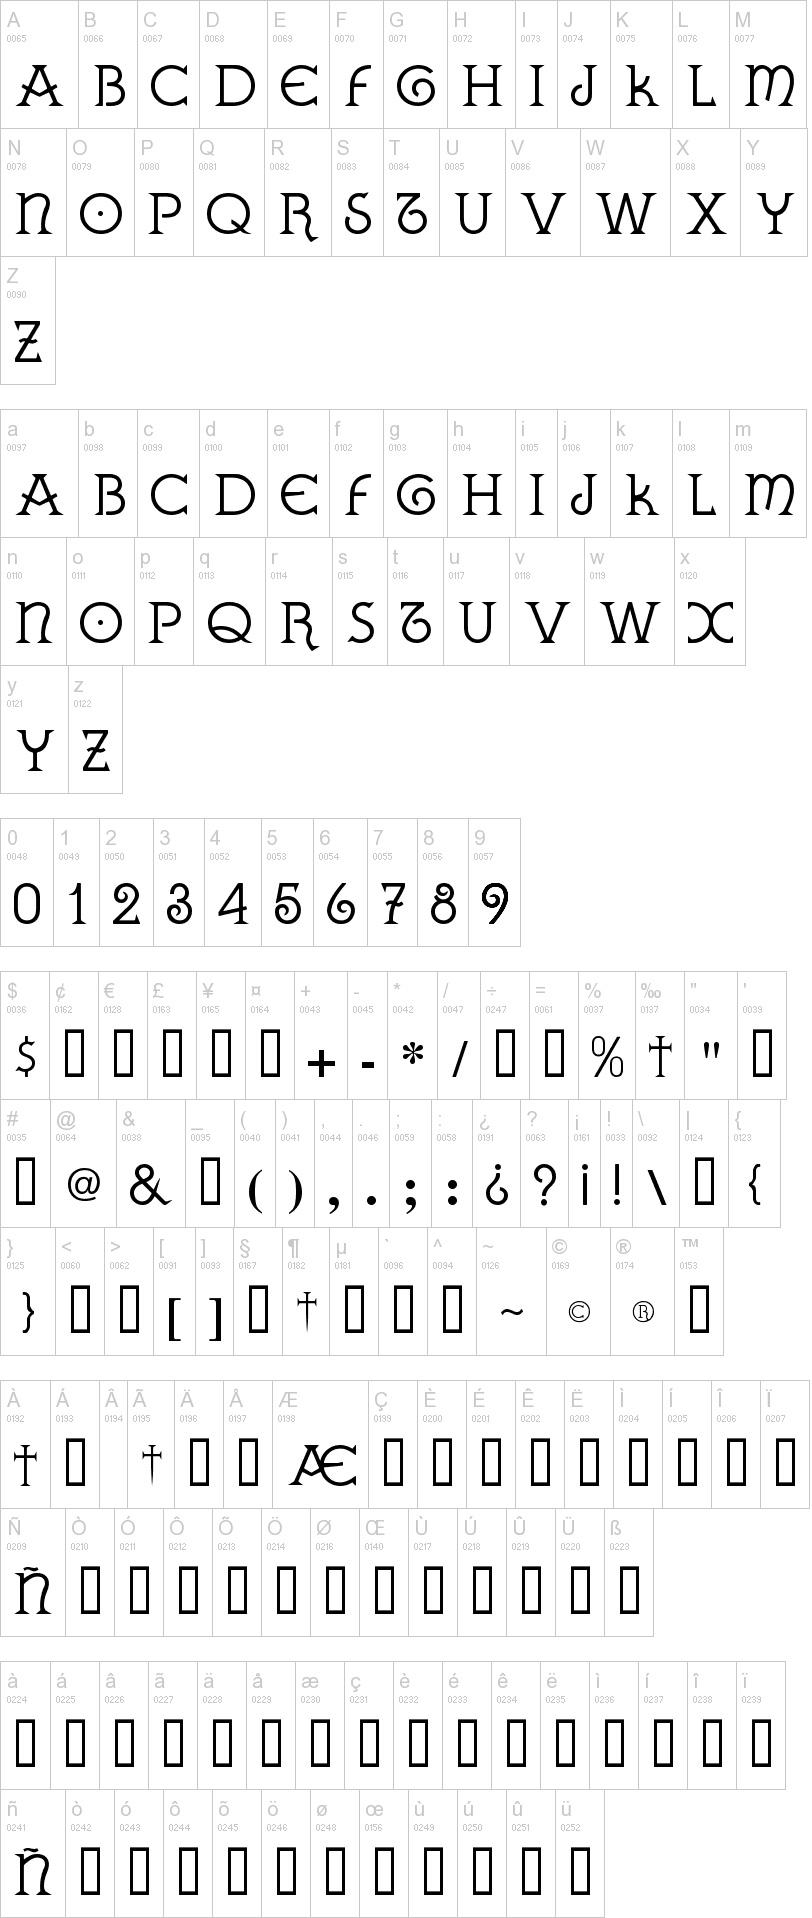 Gallega Sargadelos tipografias abecedario